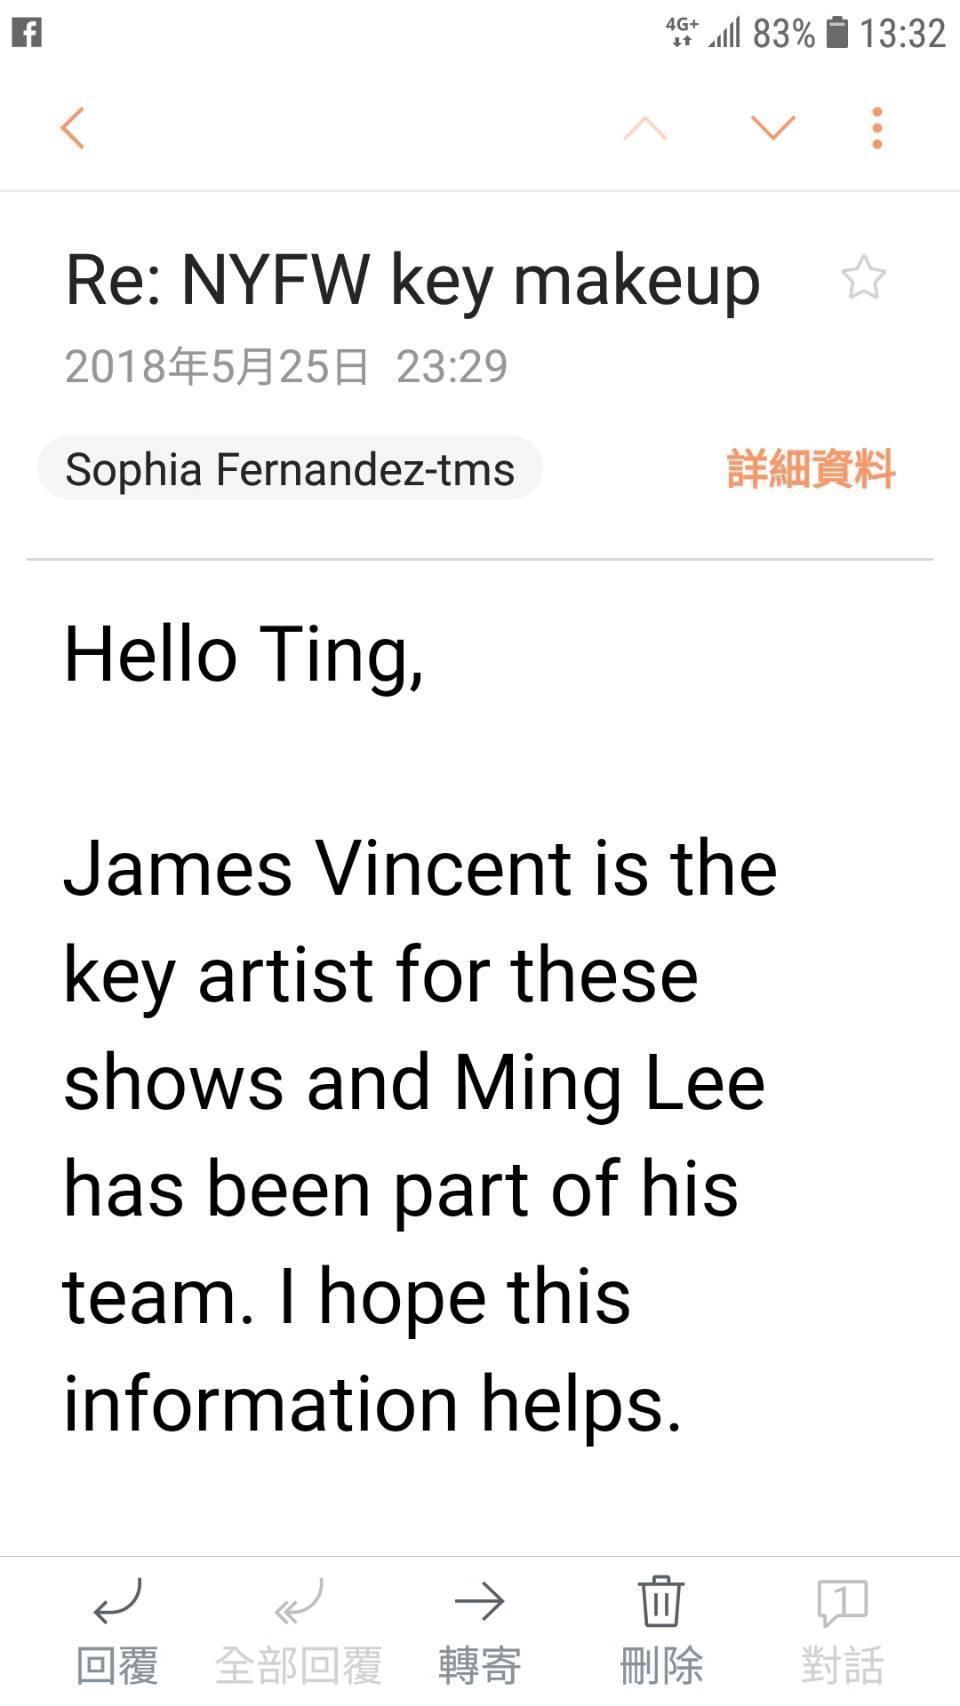 參與紐約時裝週的設計師回信:「James Vincent才是首席彩妝師,李敏只是他團隊的成員。」